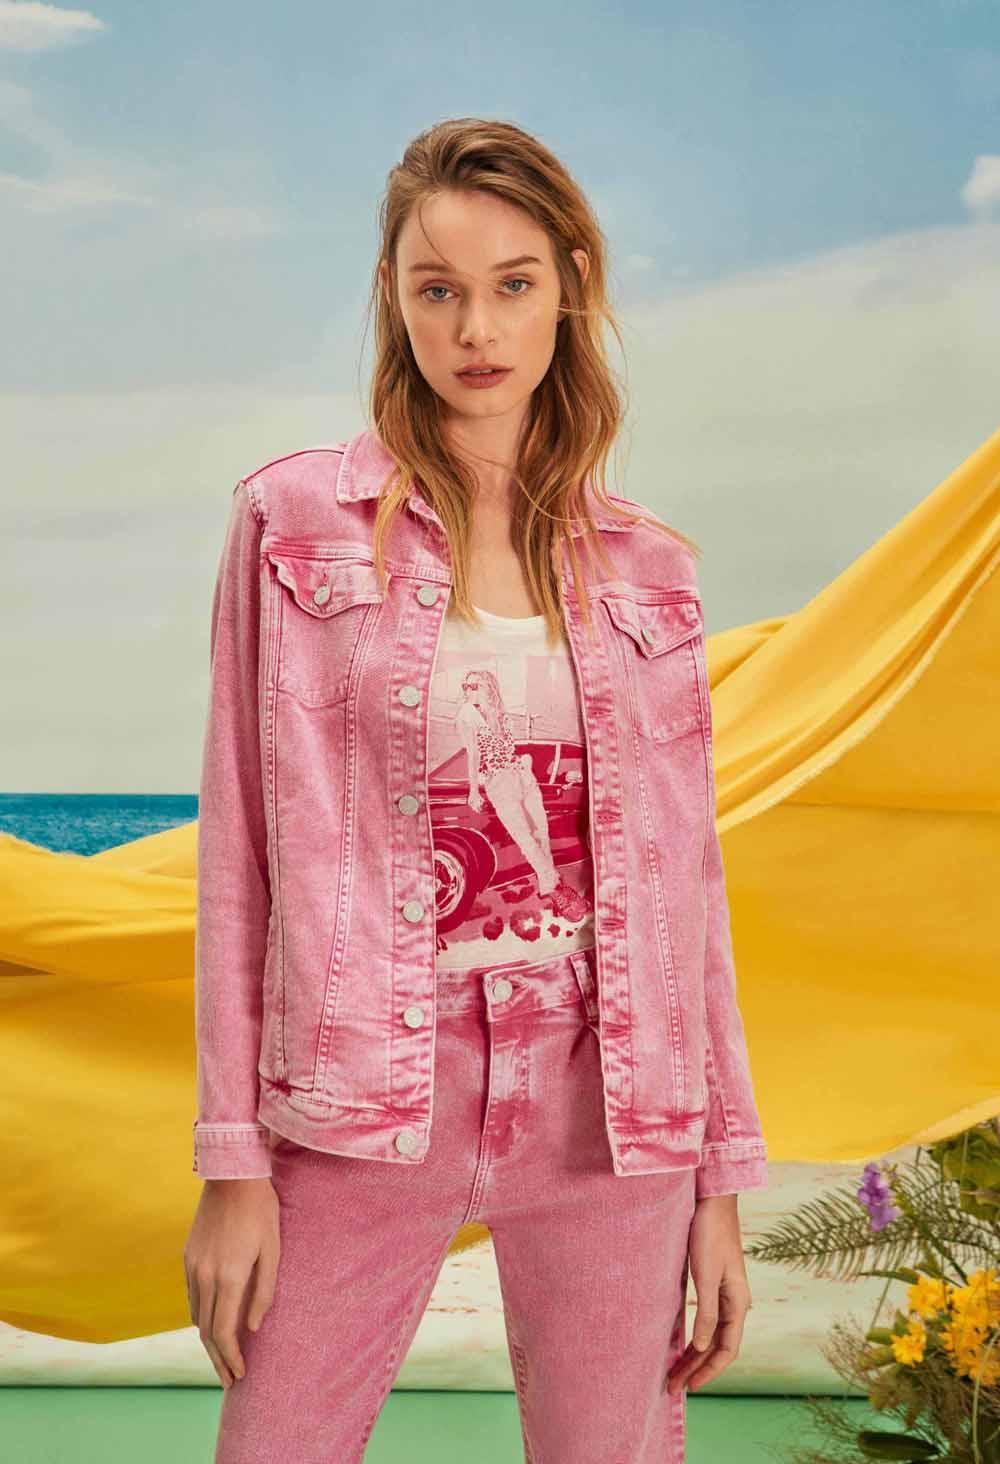 moda verano 2021 colores de moda denim jeans mujer